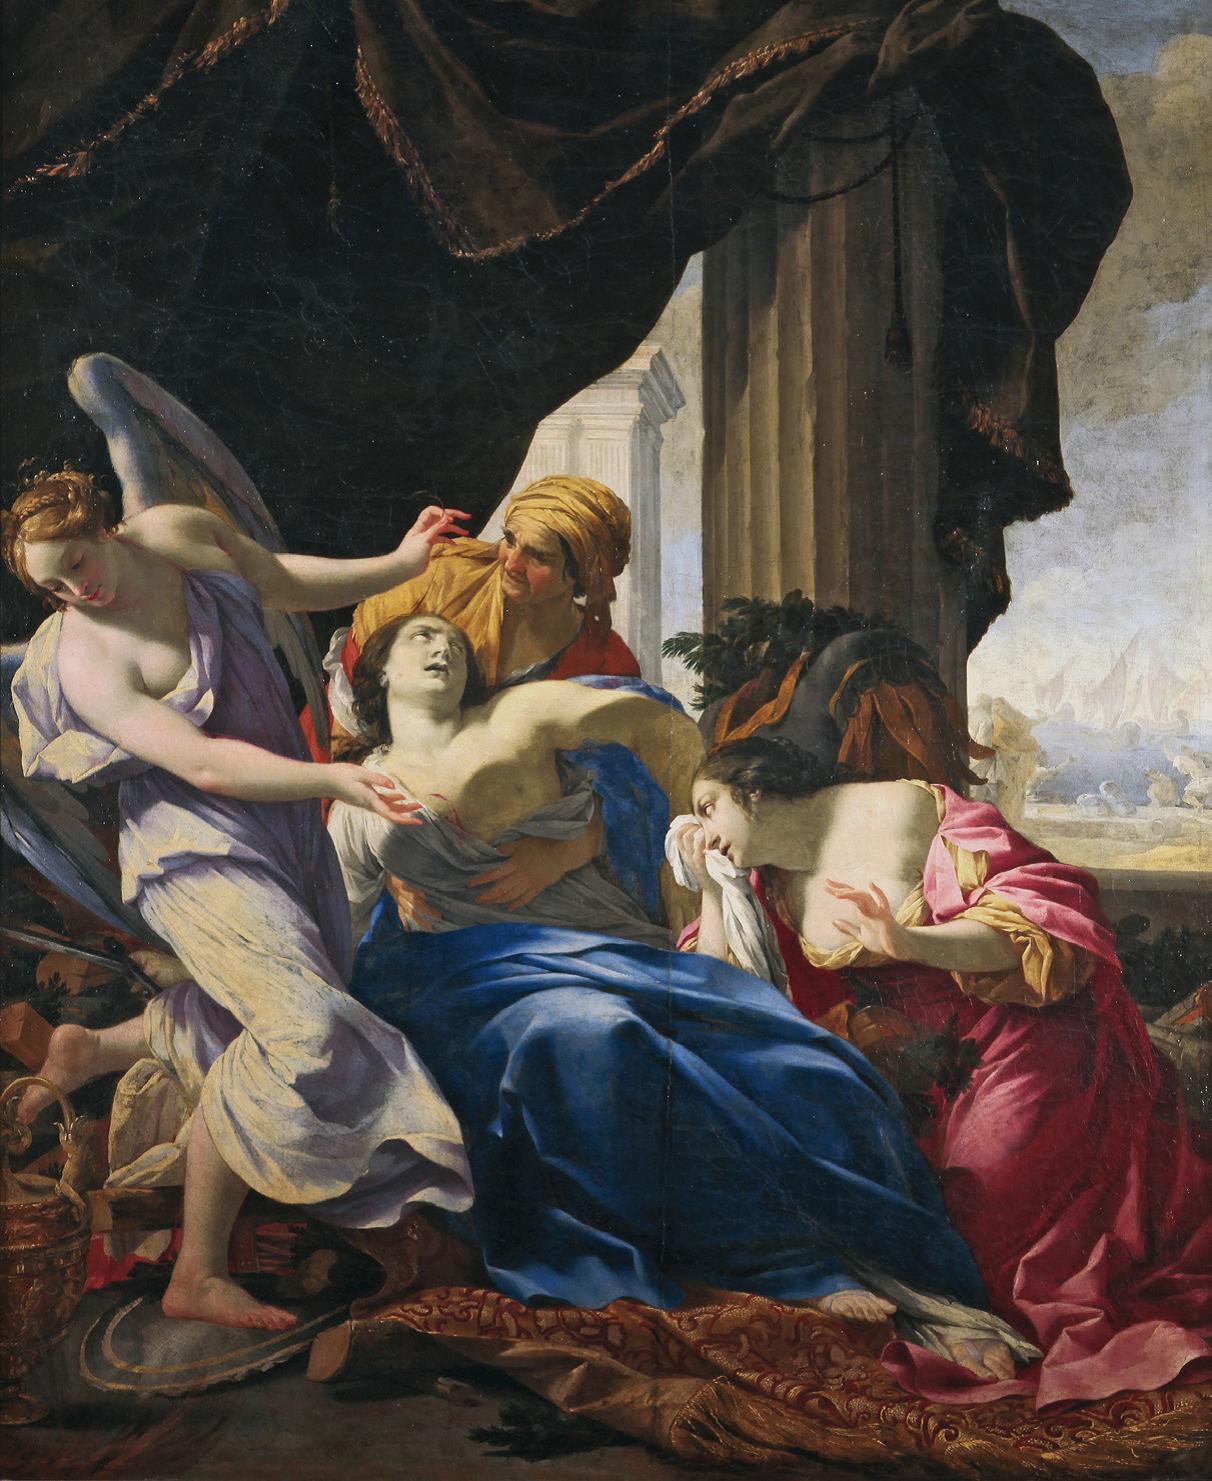 Formes et figures de la vulnérabilité, de la fin du Moyen-Âge aux siècles classiques